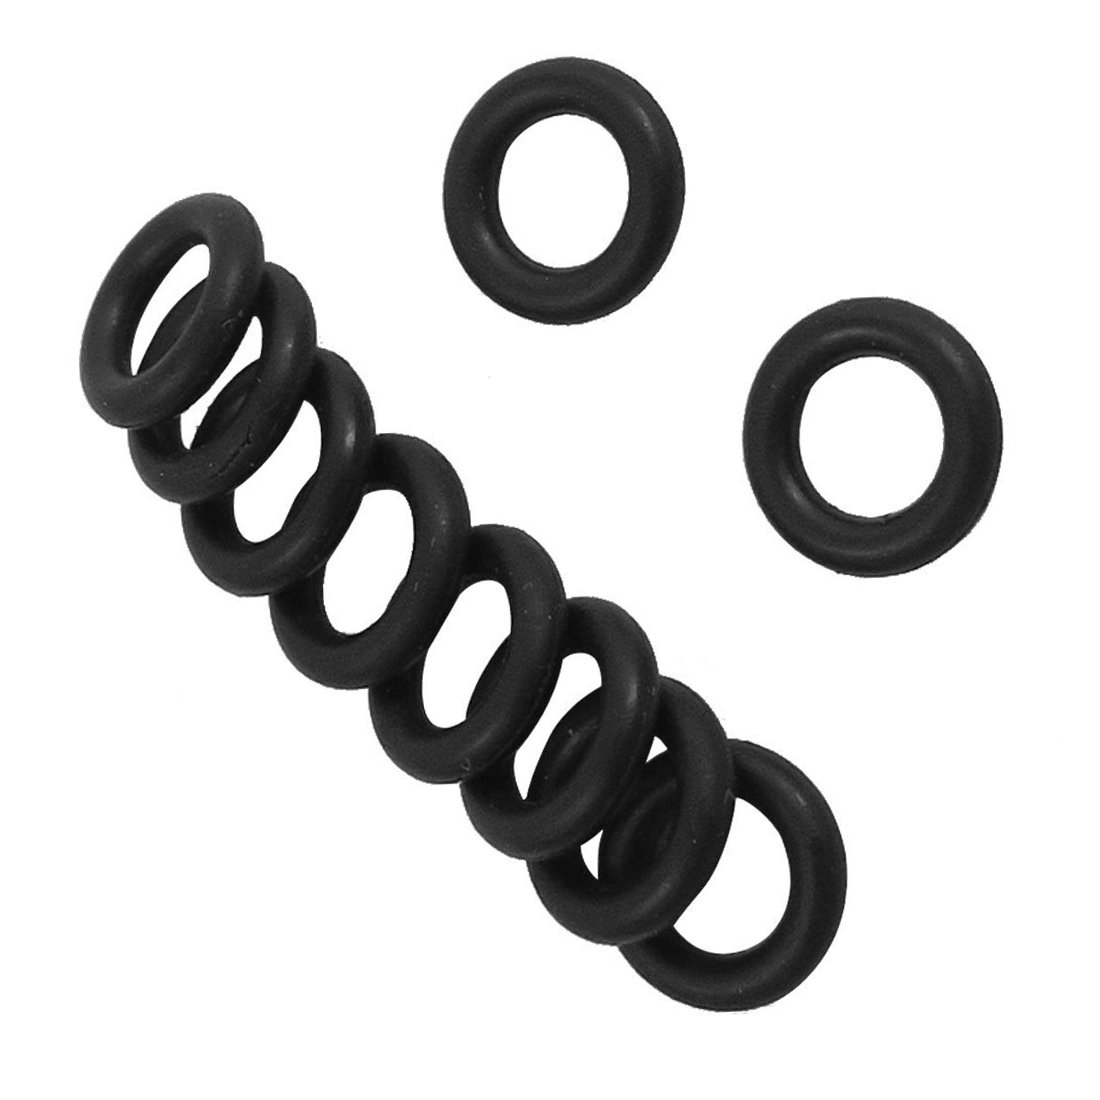 Globalflashdeal 10 Stueck Schwarz Gummi Oil Seal O-Ringe Dichtungen Unterlegscheiben 40x35x2.5mm